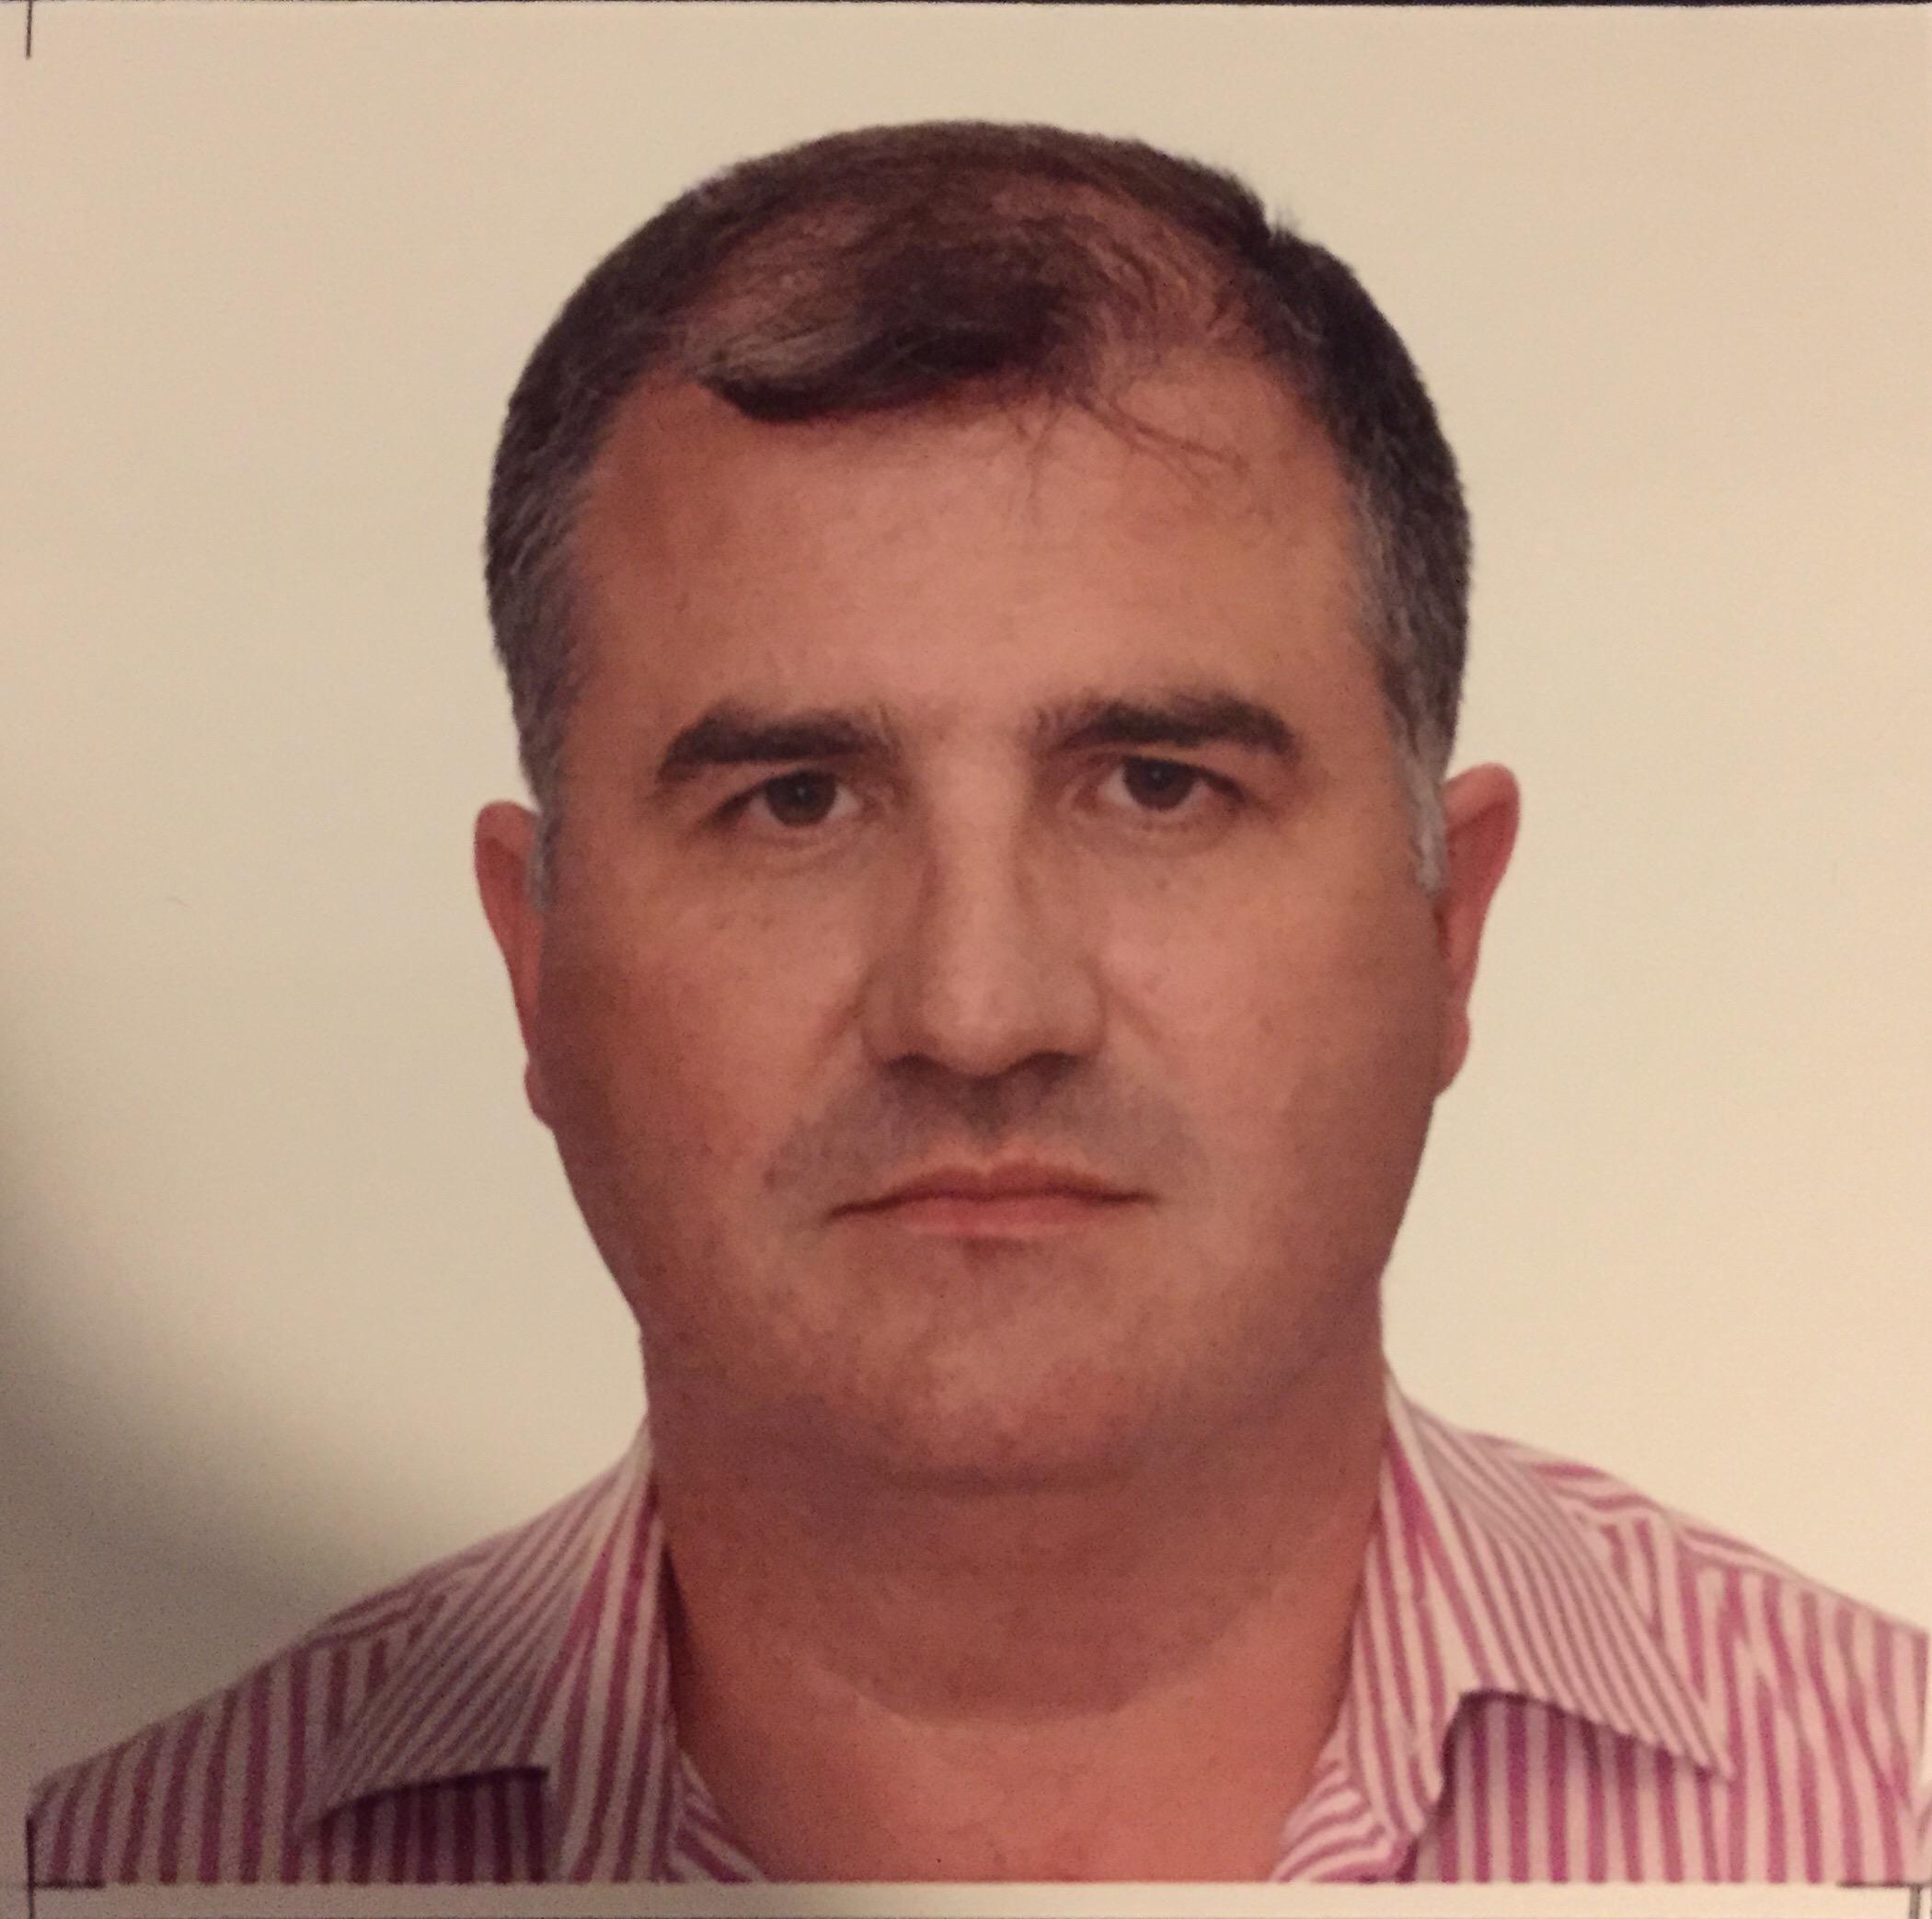 """באינדקס רופאים ד""""ר ג'ורג' צ'יוררו מומחה ברפואת משפחה   אינדקס הרופאים של ישראל"""